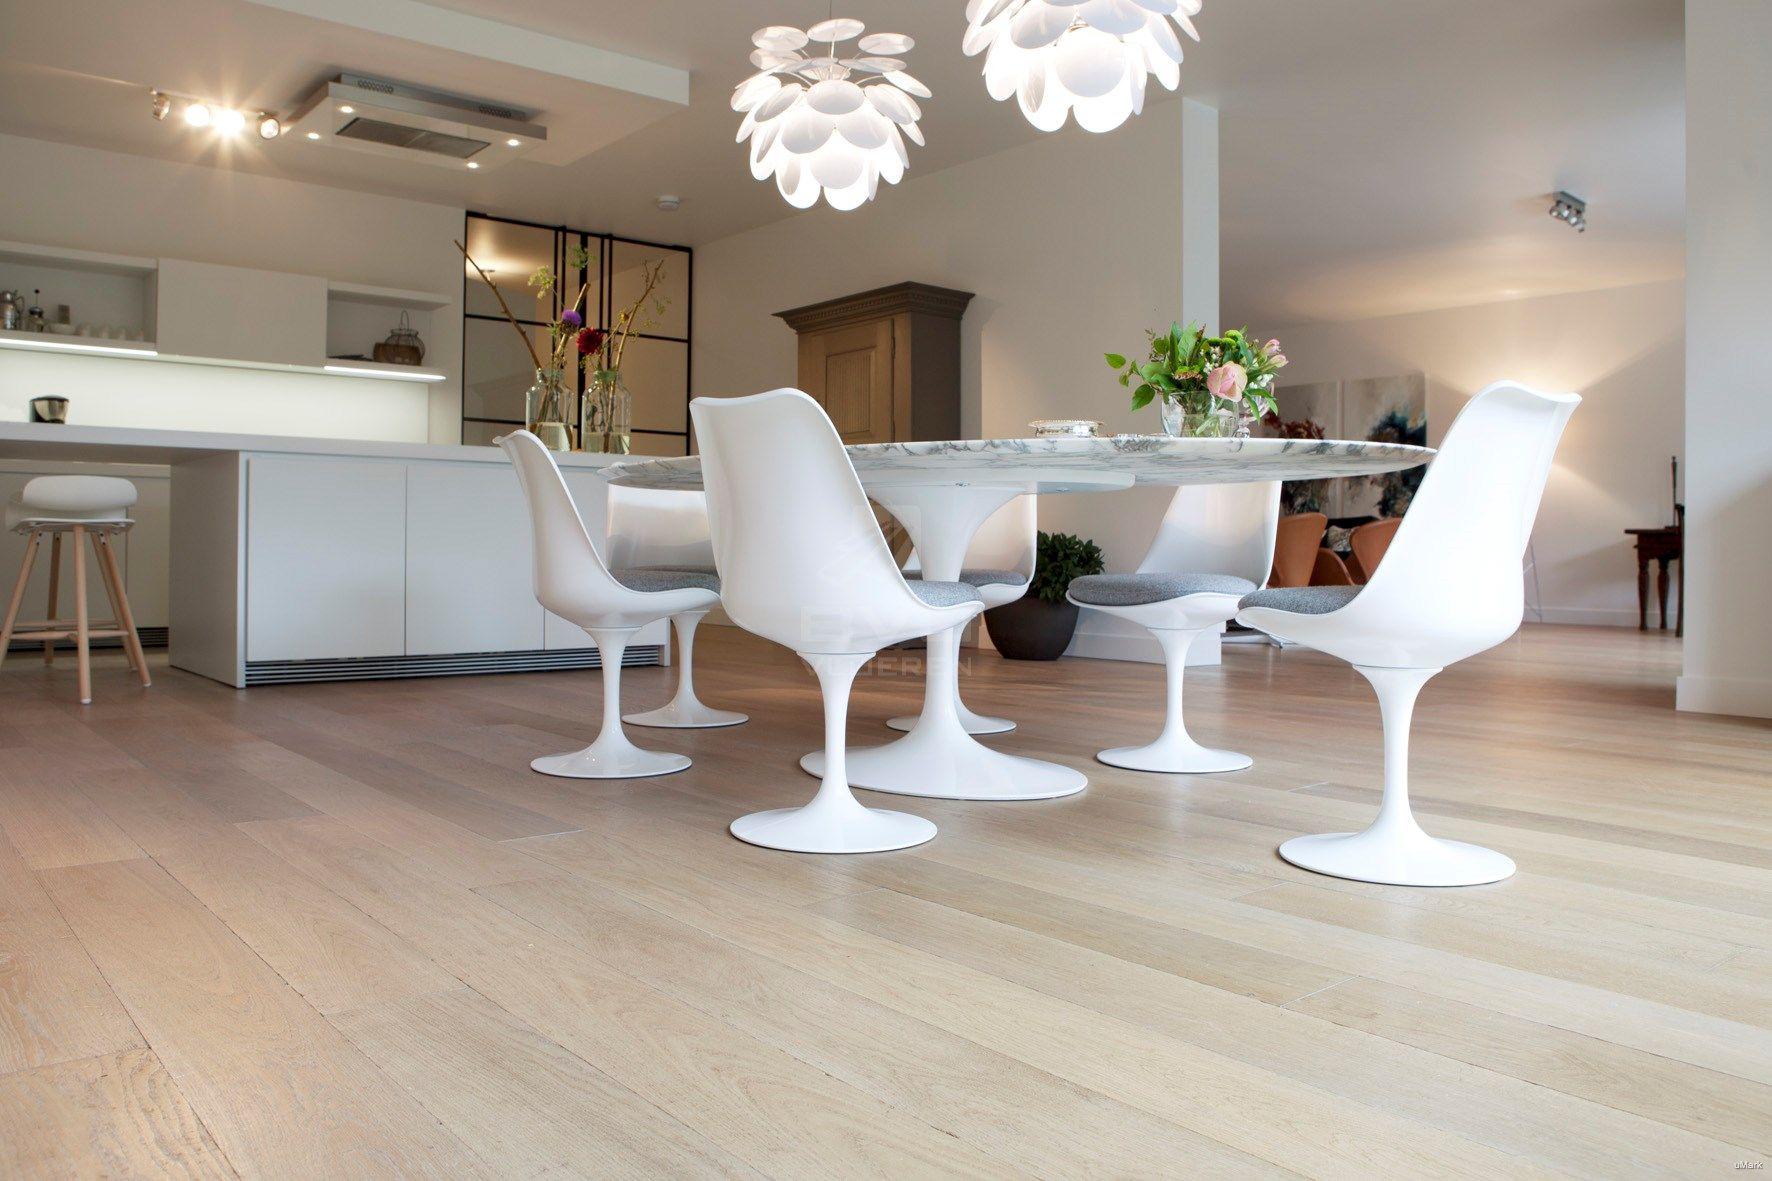 eikenhouten vloer natuurlijk vergrijsd verouderd di legno